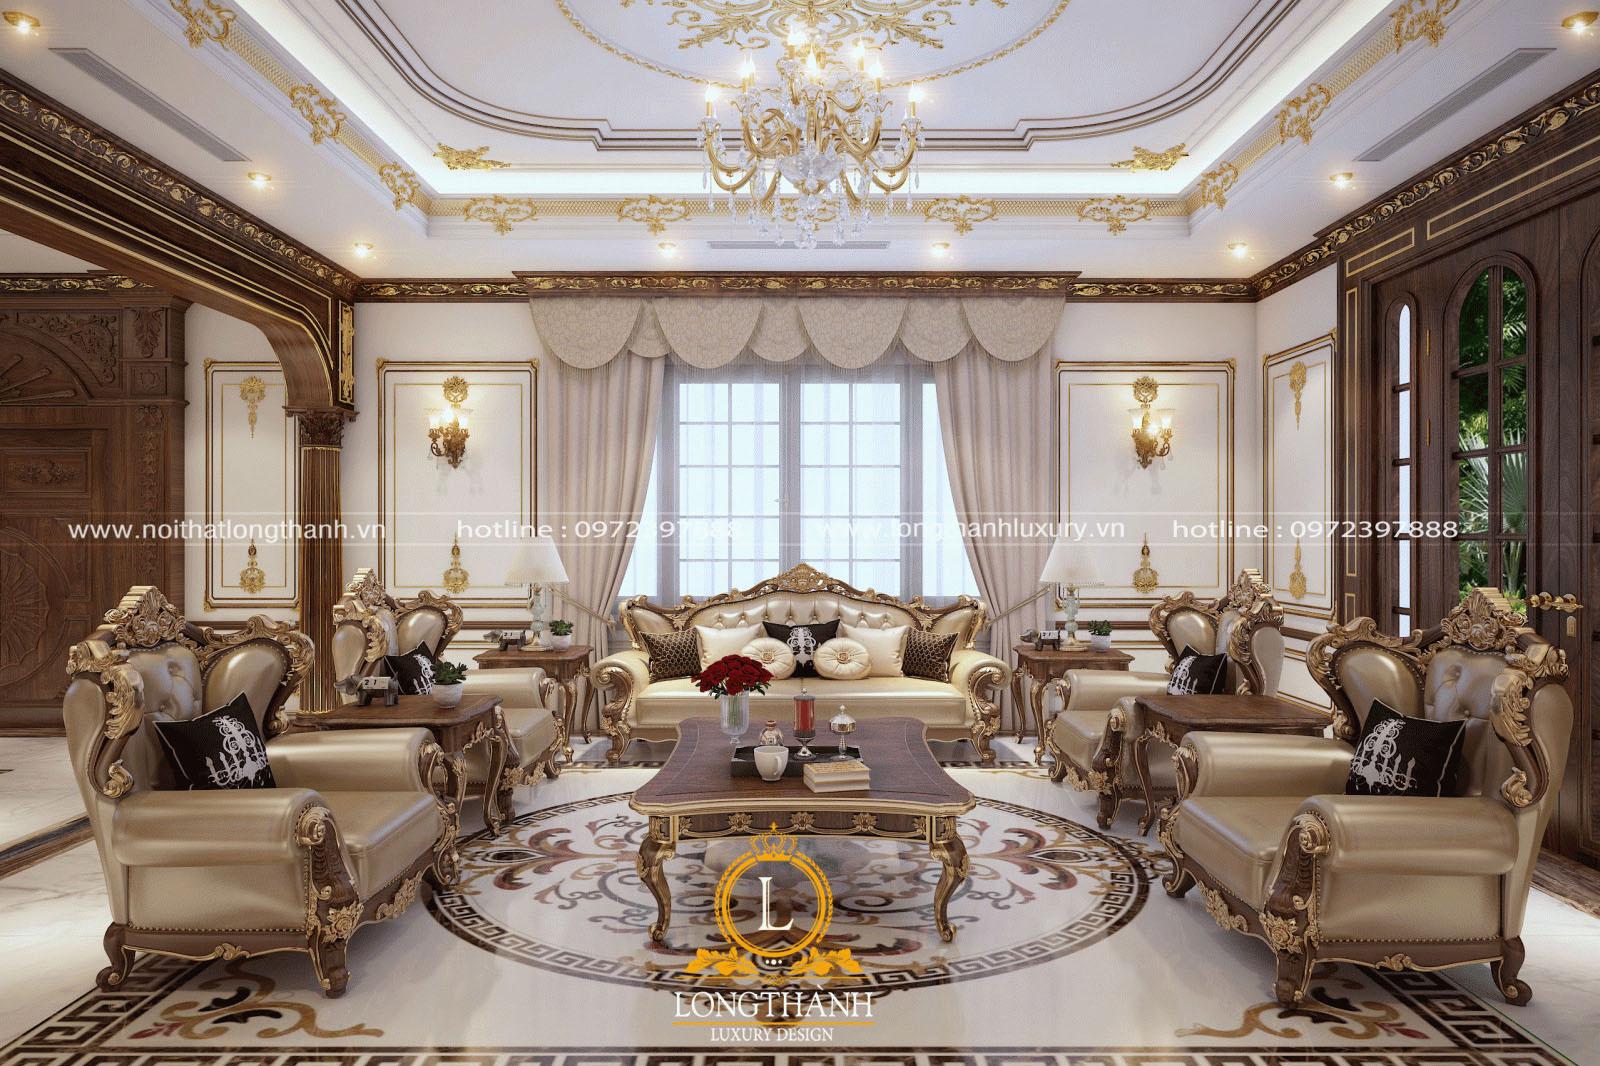 Sofa tân cổ điển đẹp tinh tế, quyến rũ từ mọi góc nhìn